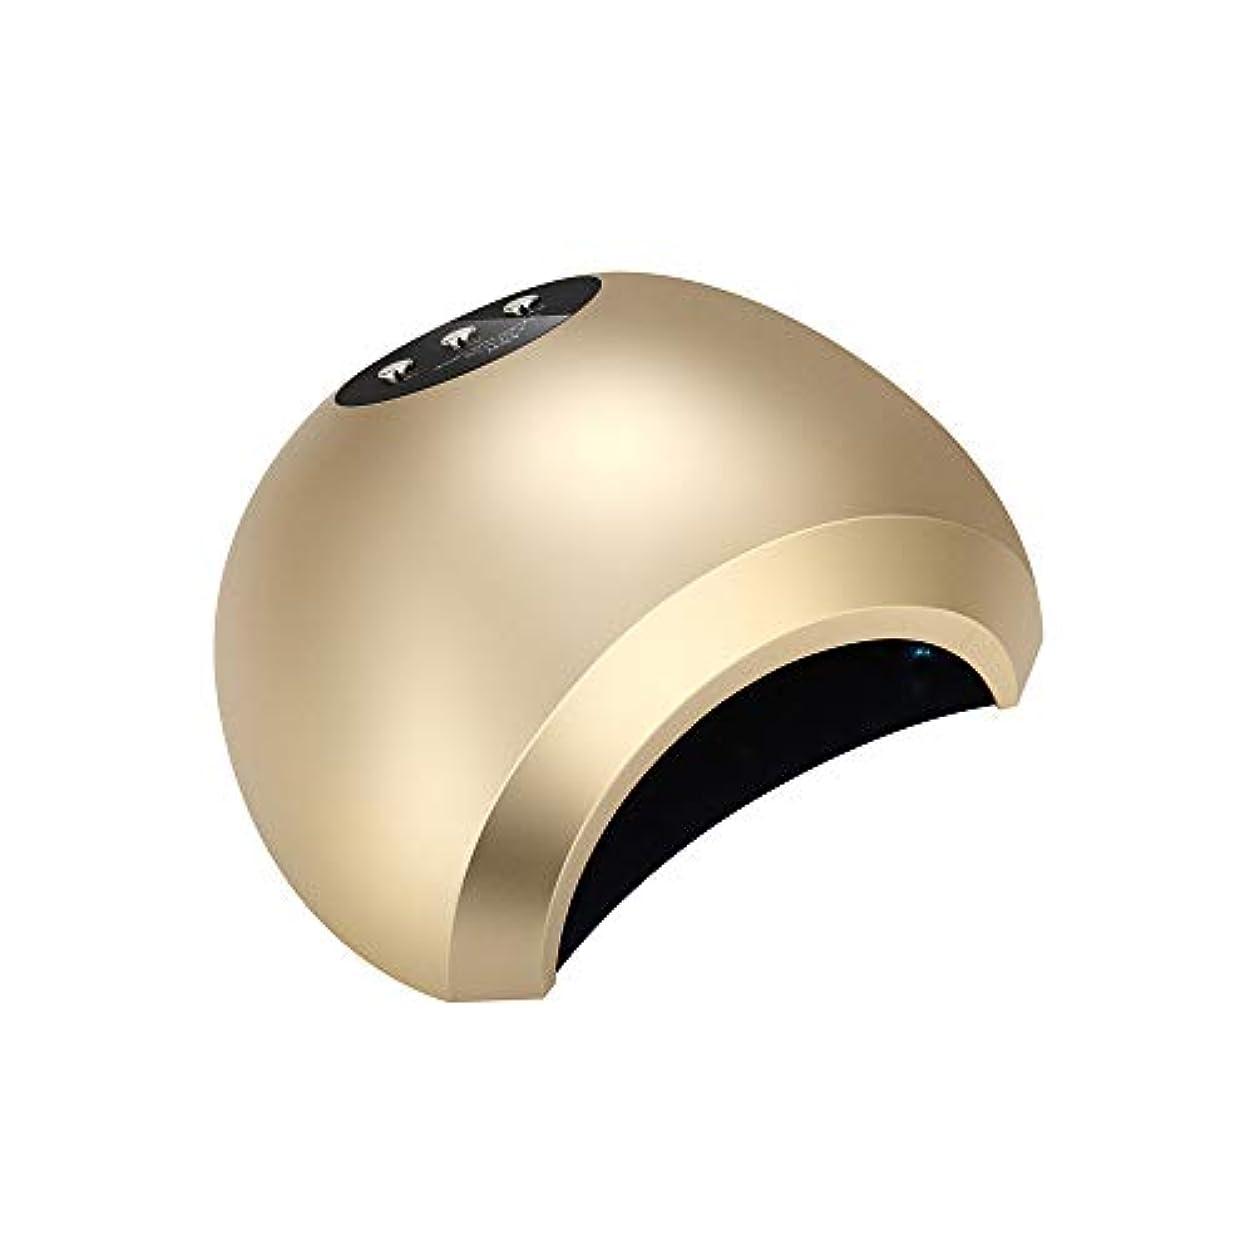 光の抹消ペン48Wインテリジェント誘導デュアル光源放熱無痛速乾性光線療法ランプネイルポリッシュグルーライト速乾性ドライヤーネイルポリッシュUVランプ